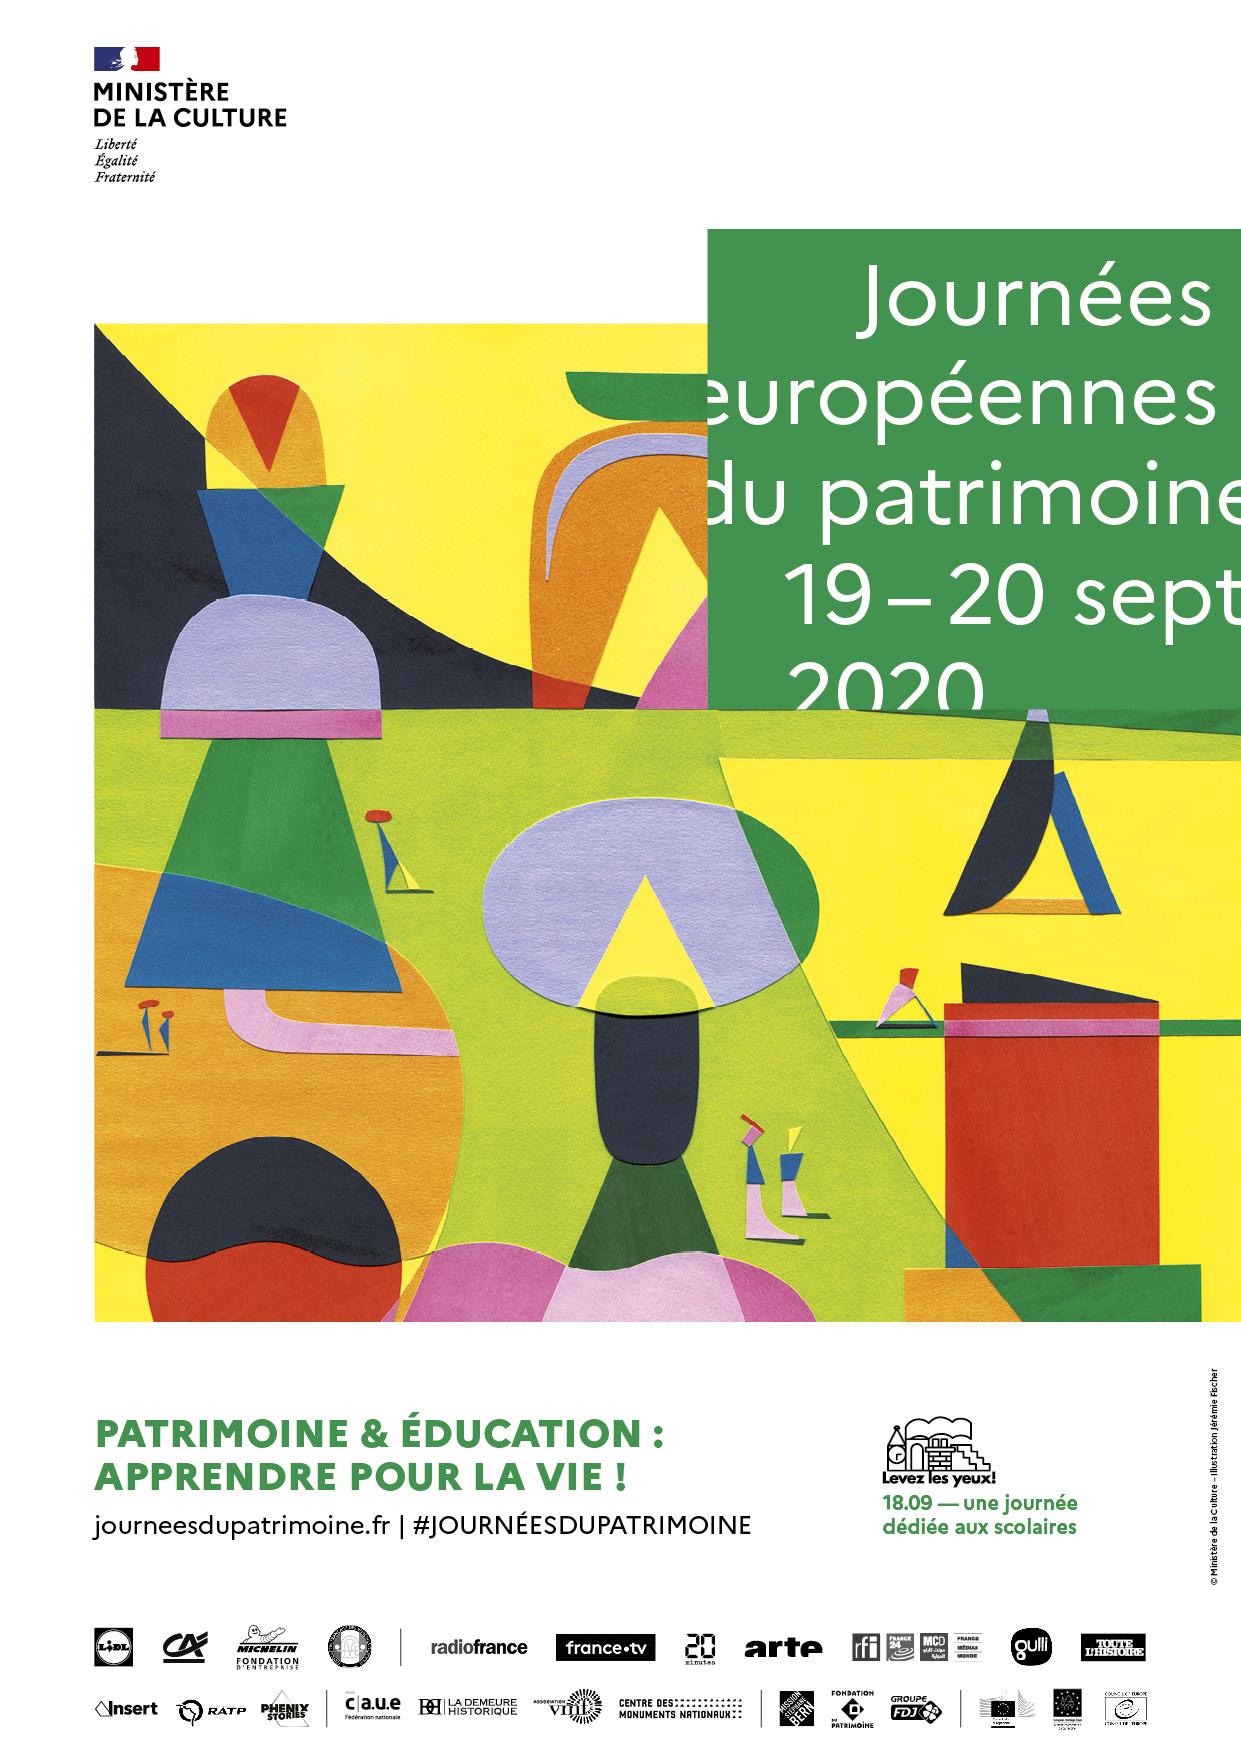 Les Journées Européennes du Patrimoine : Château de Maisons